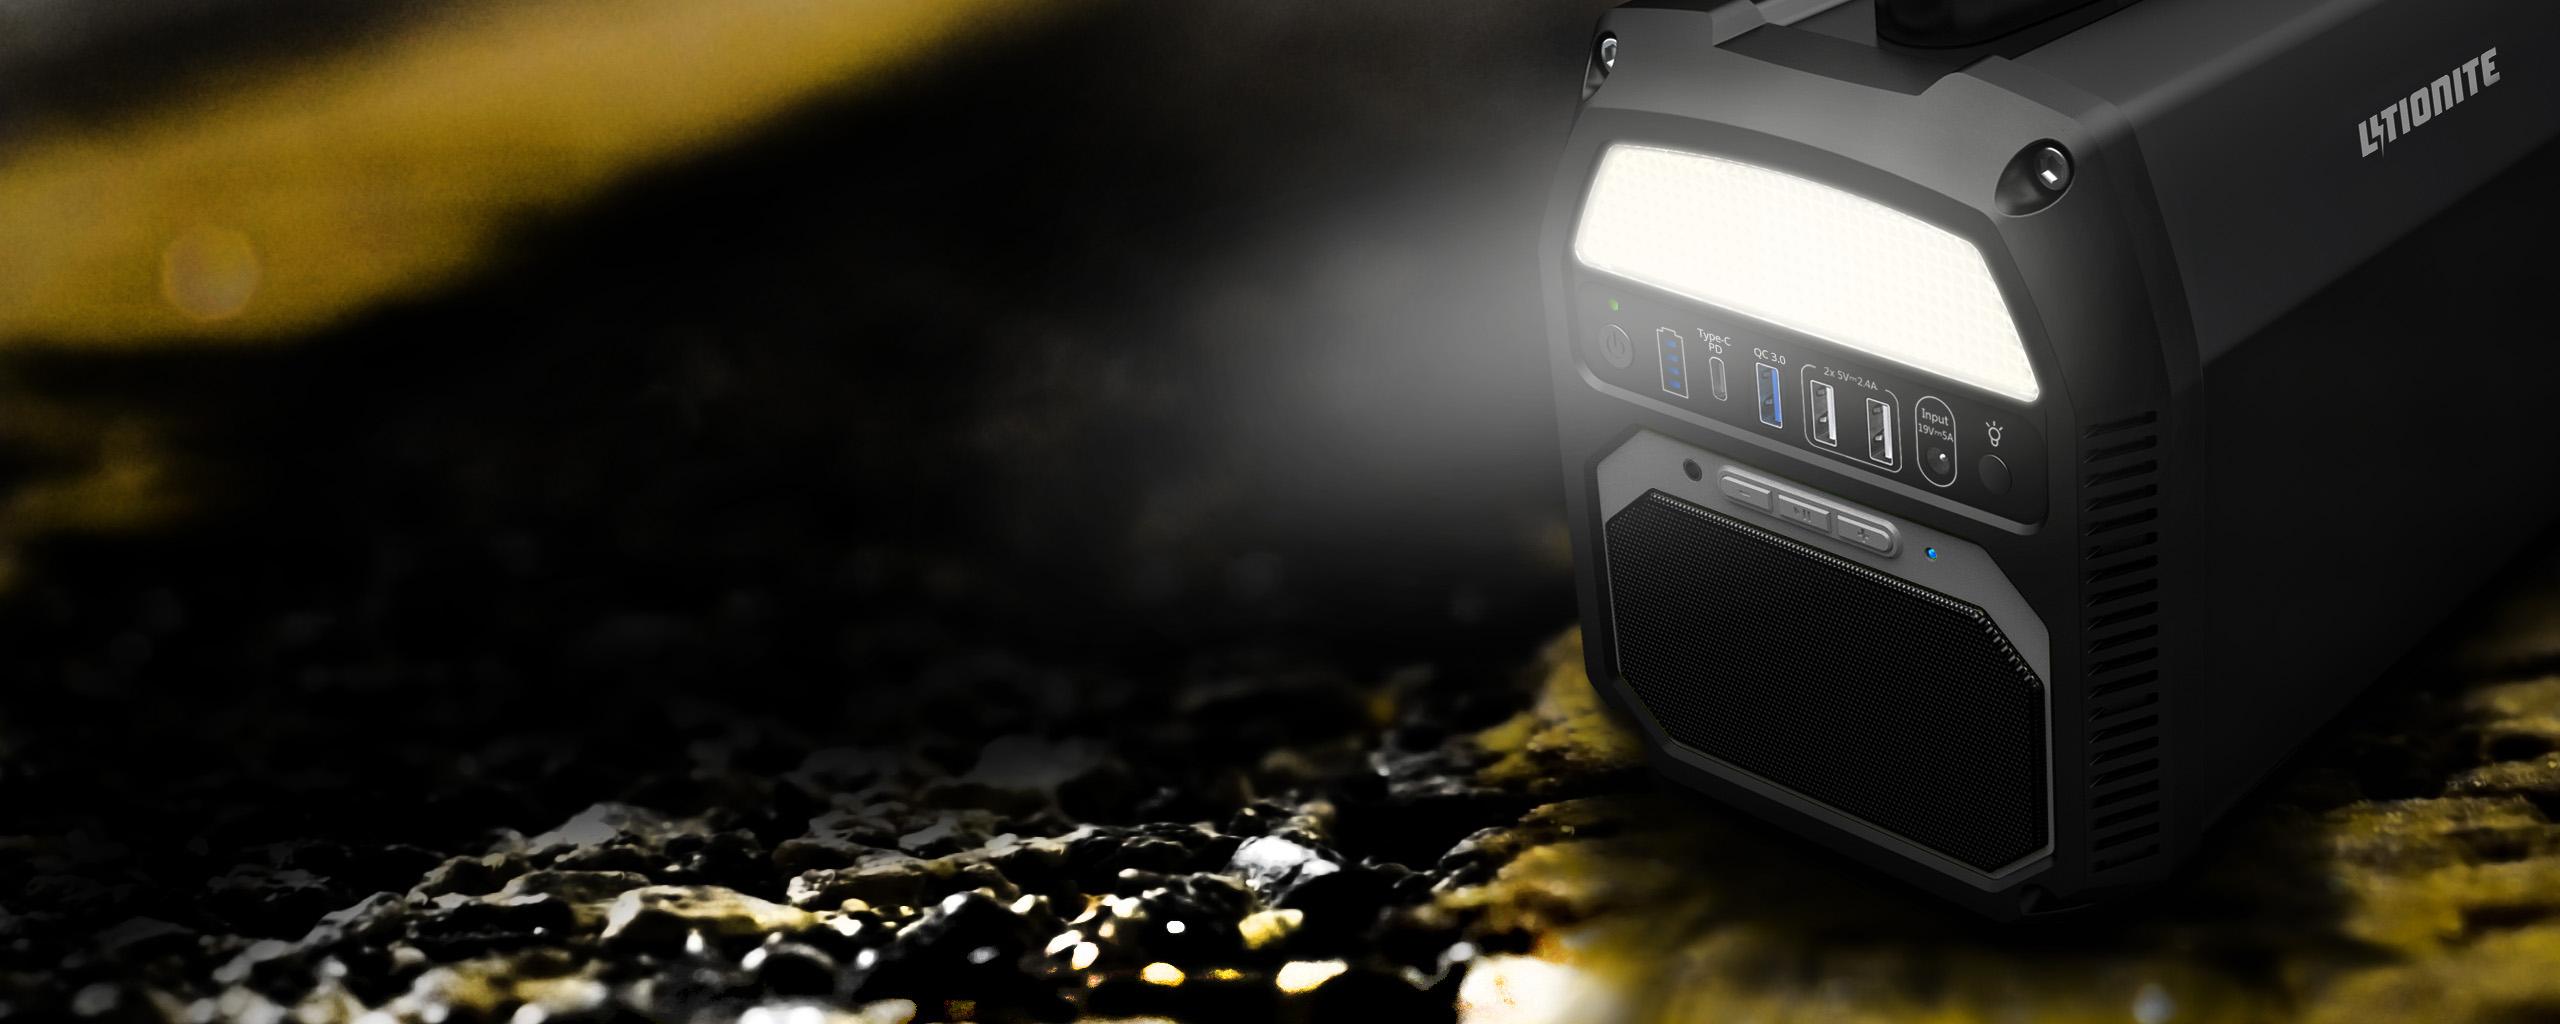 Générateur Litionite Titan avec lampe torche intégrée